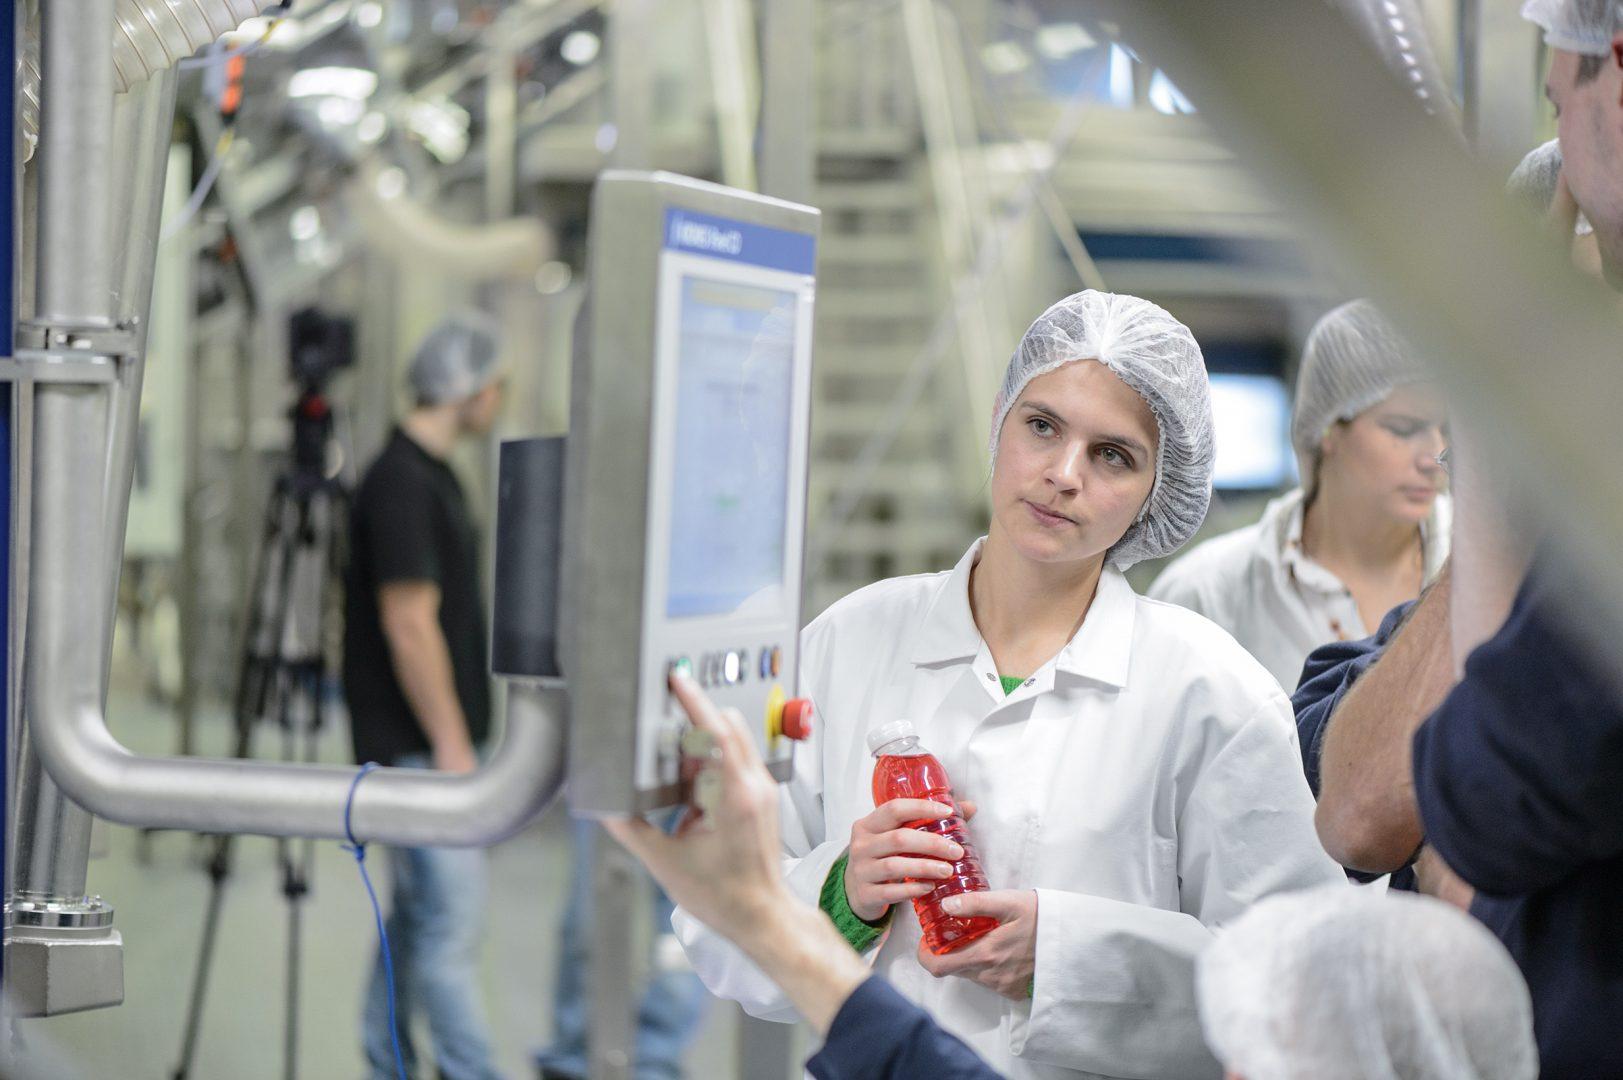 Keine Konservierungsstoffe, dafür reichlich Vitamine und gesunde Inhaltsstoffe: Verbraucherwünsche, die sich durch aseptische Kaltabfüllung erfüllen lassen.